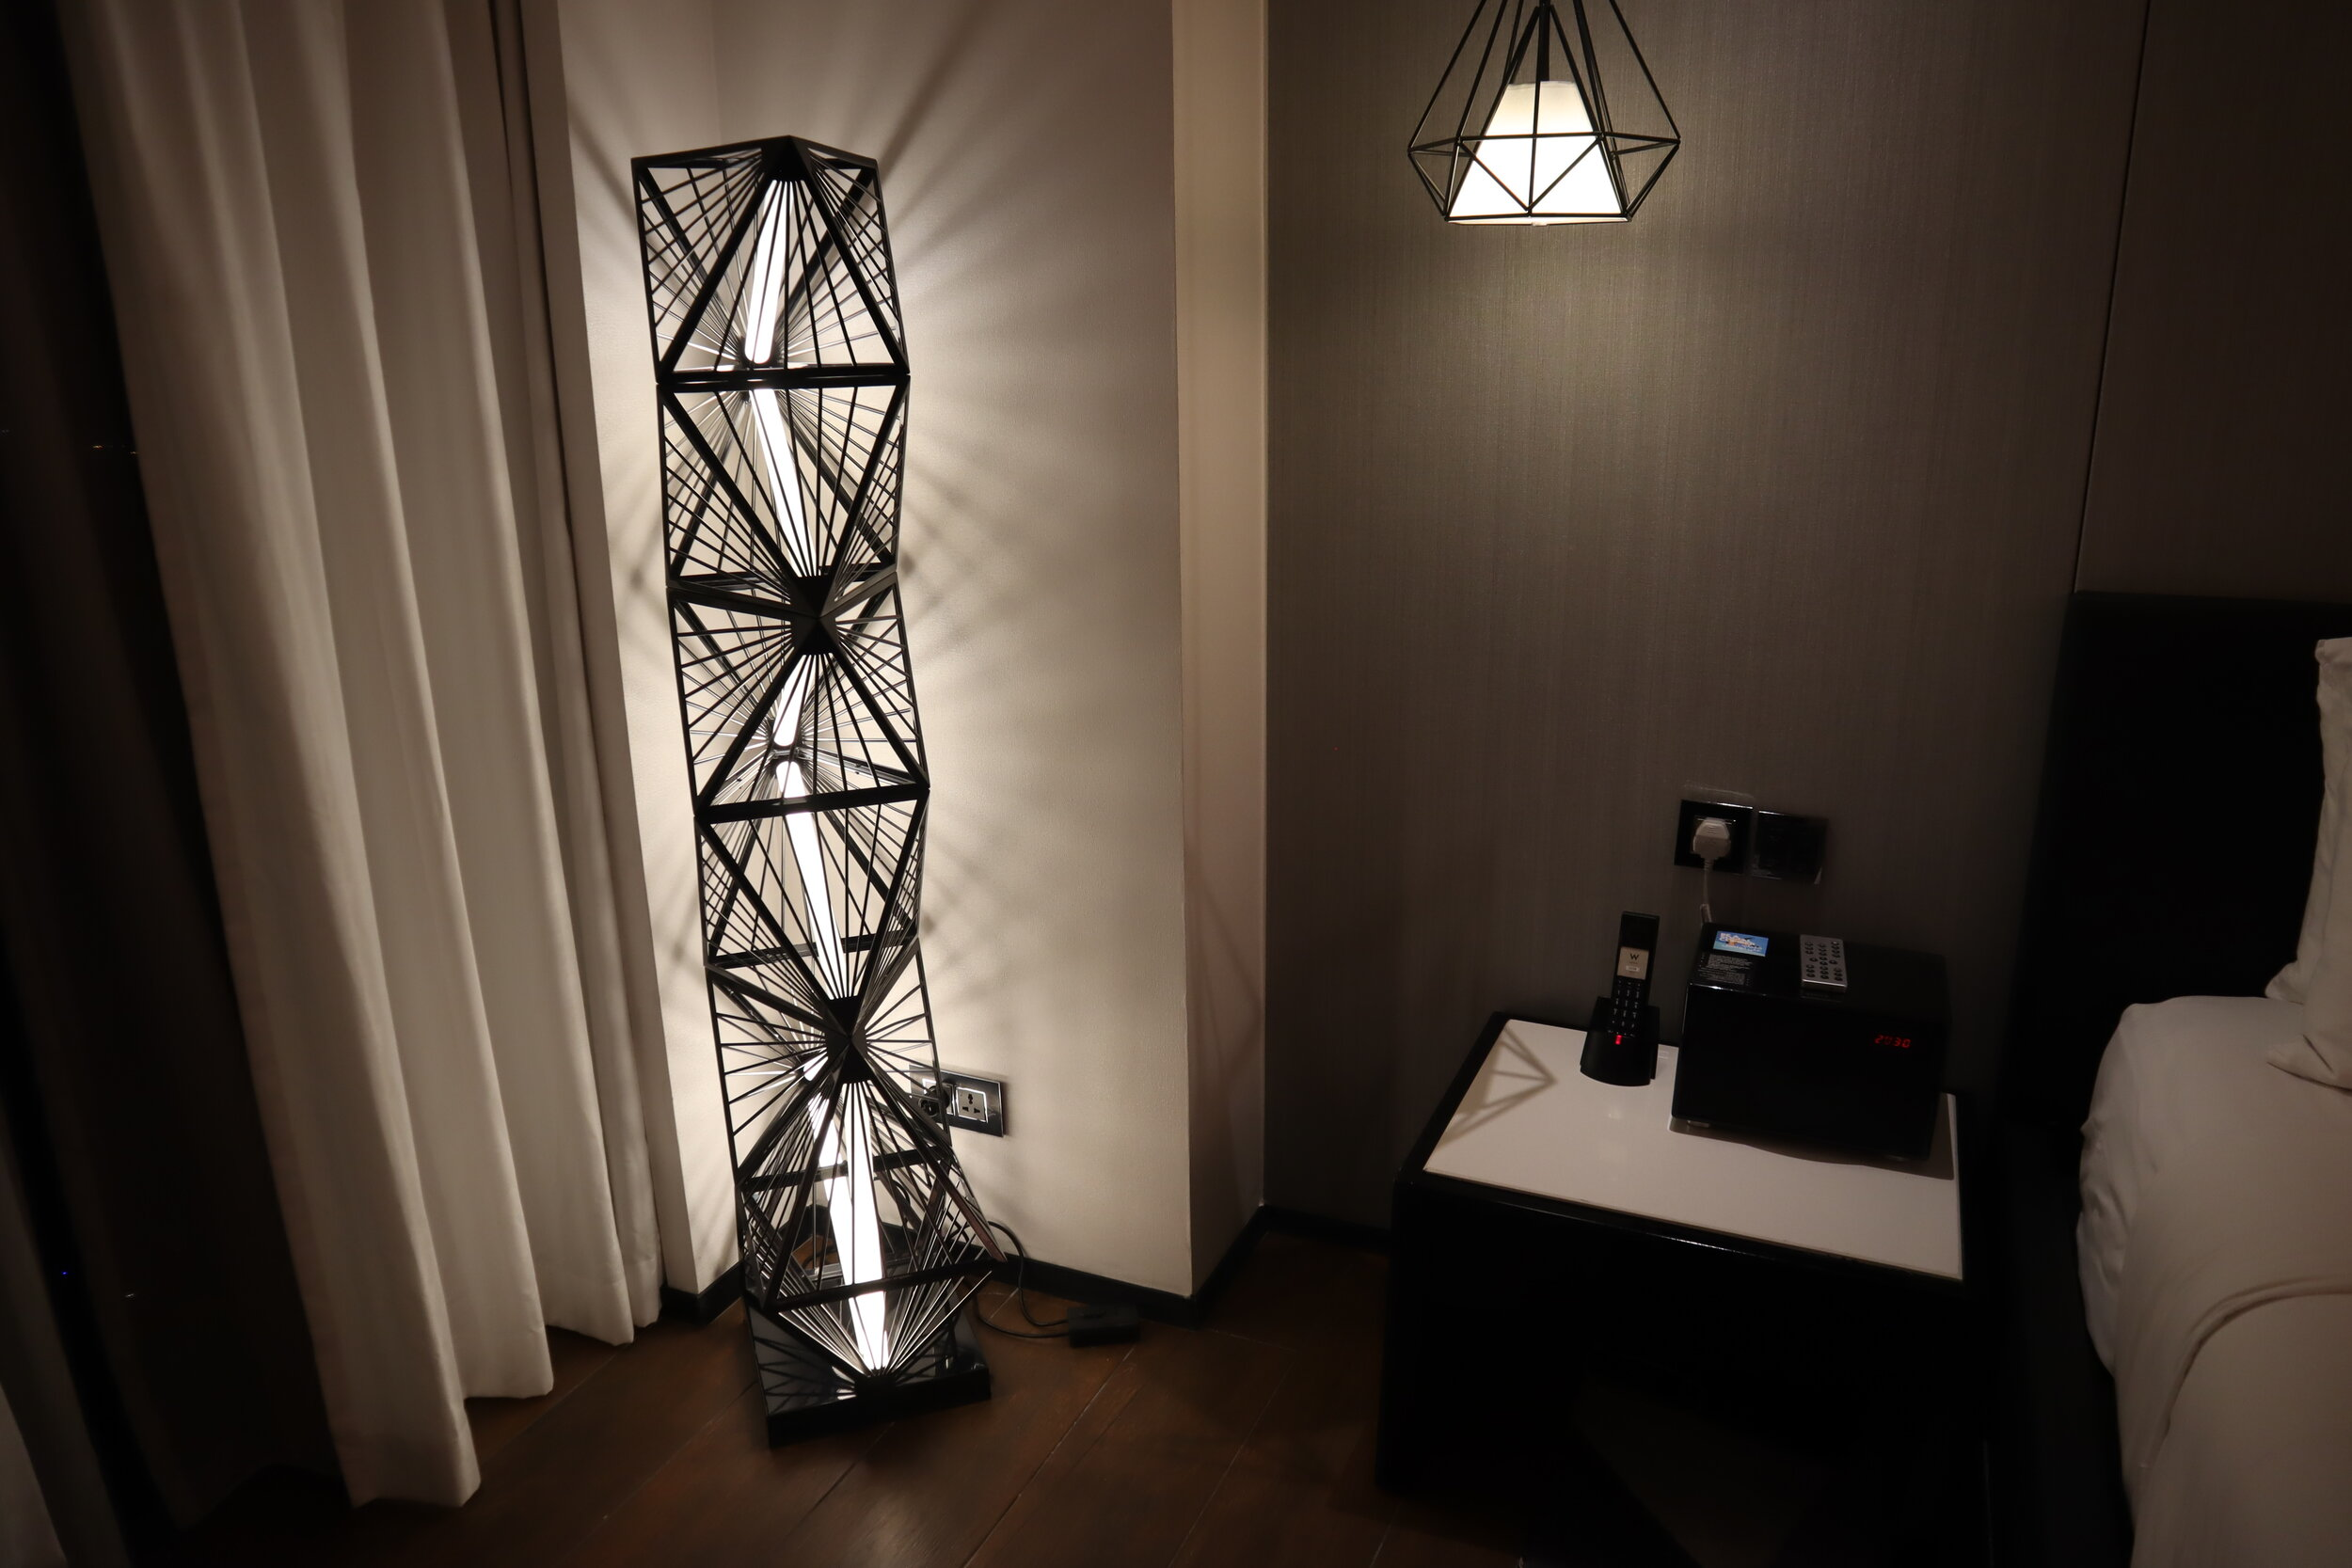 W Amman – Cool Corner Suite lighting